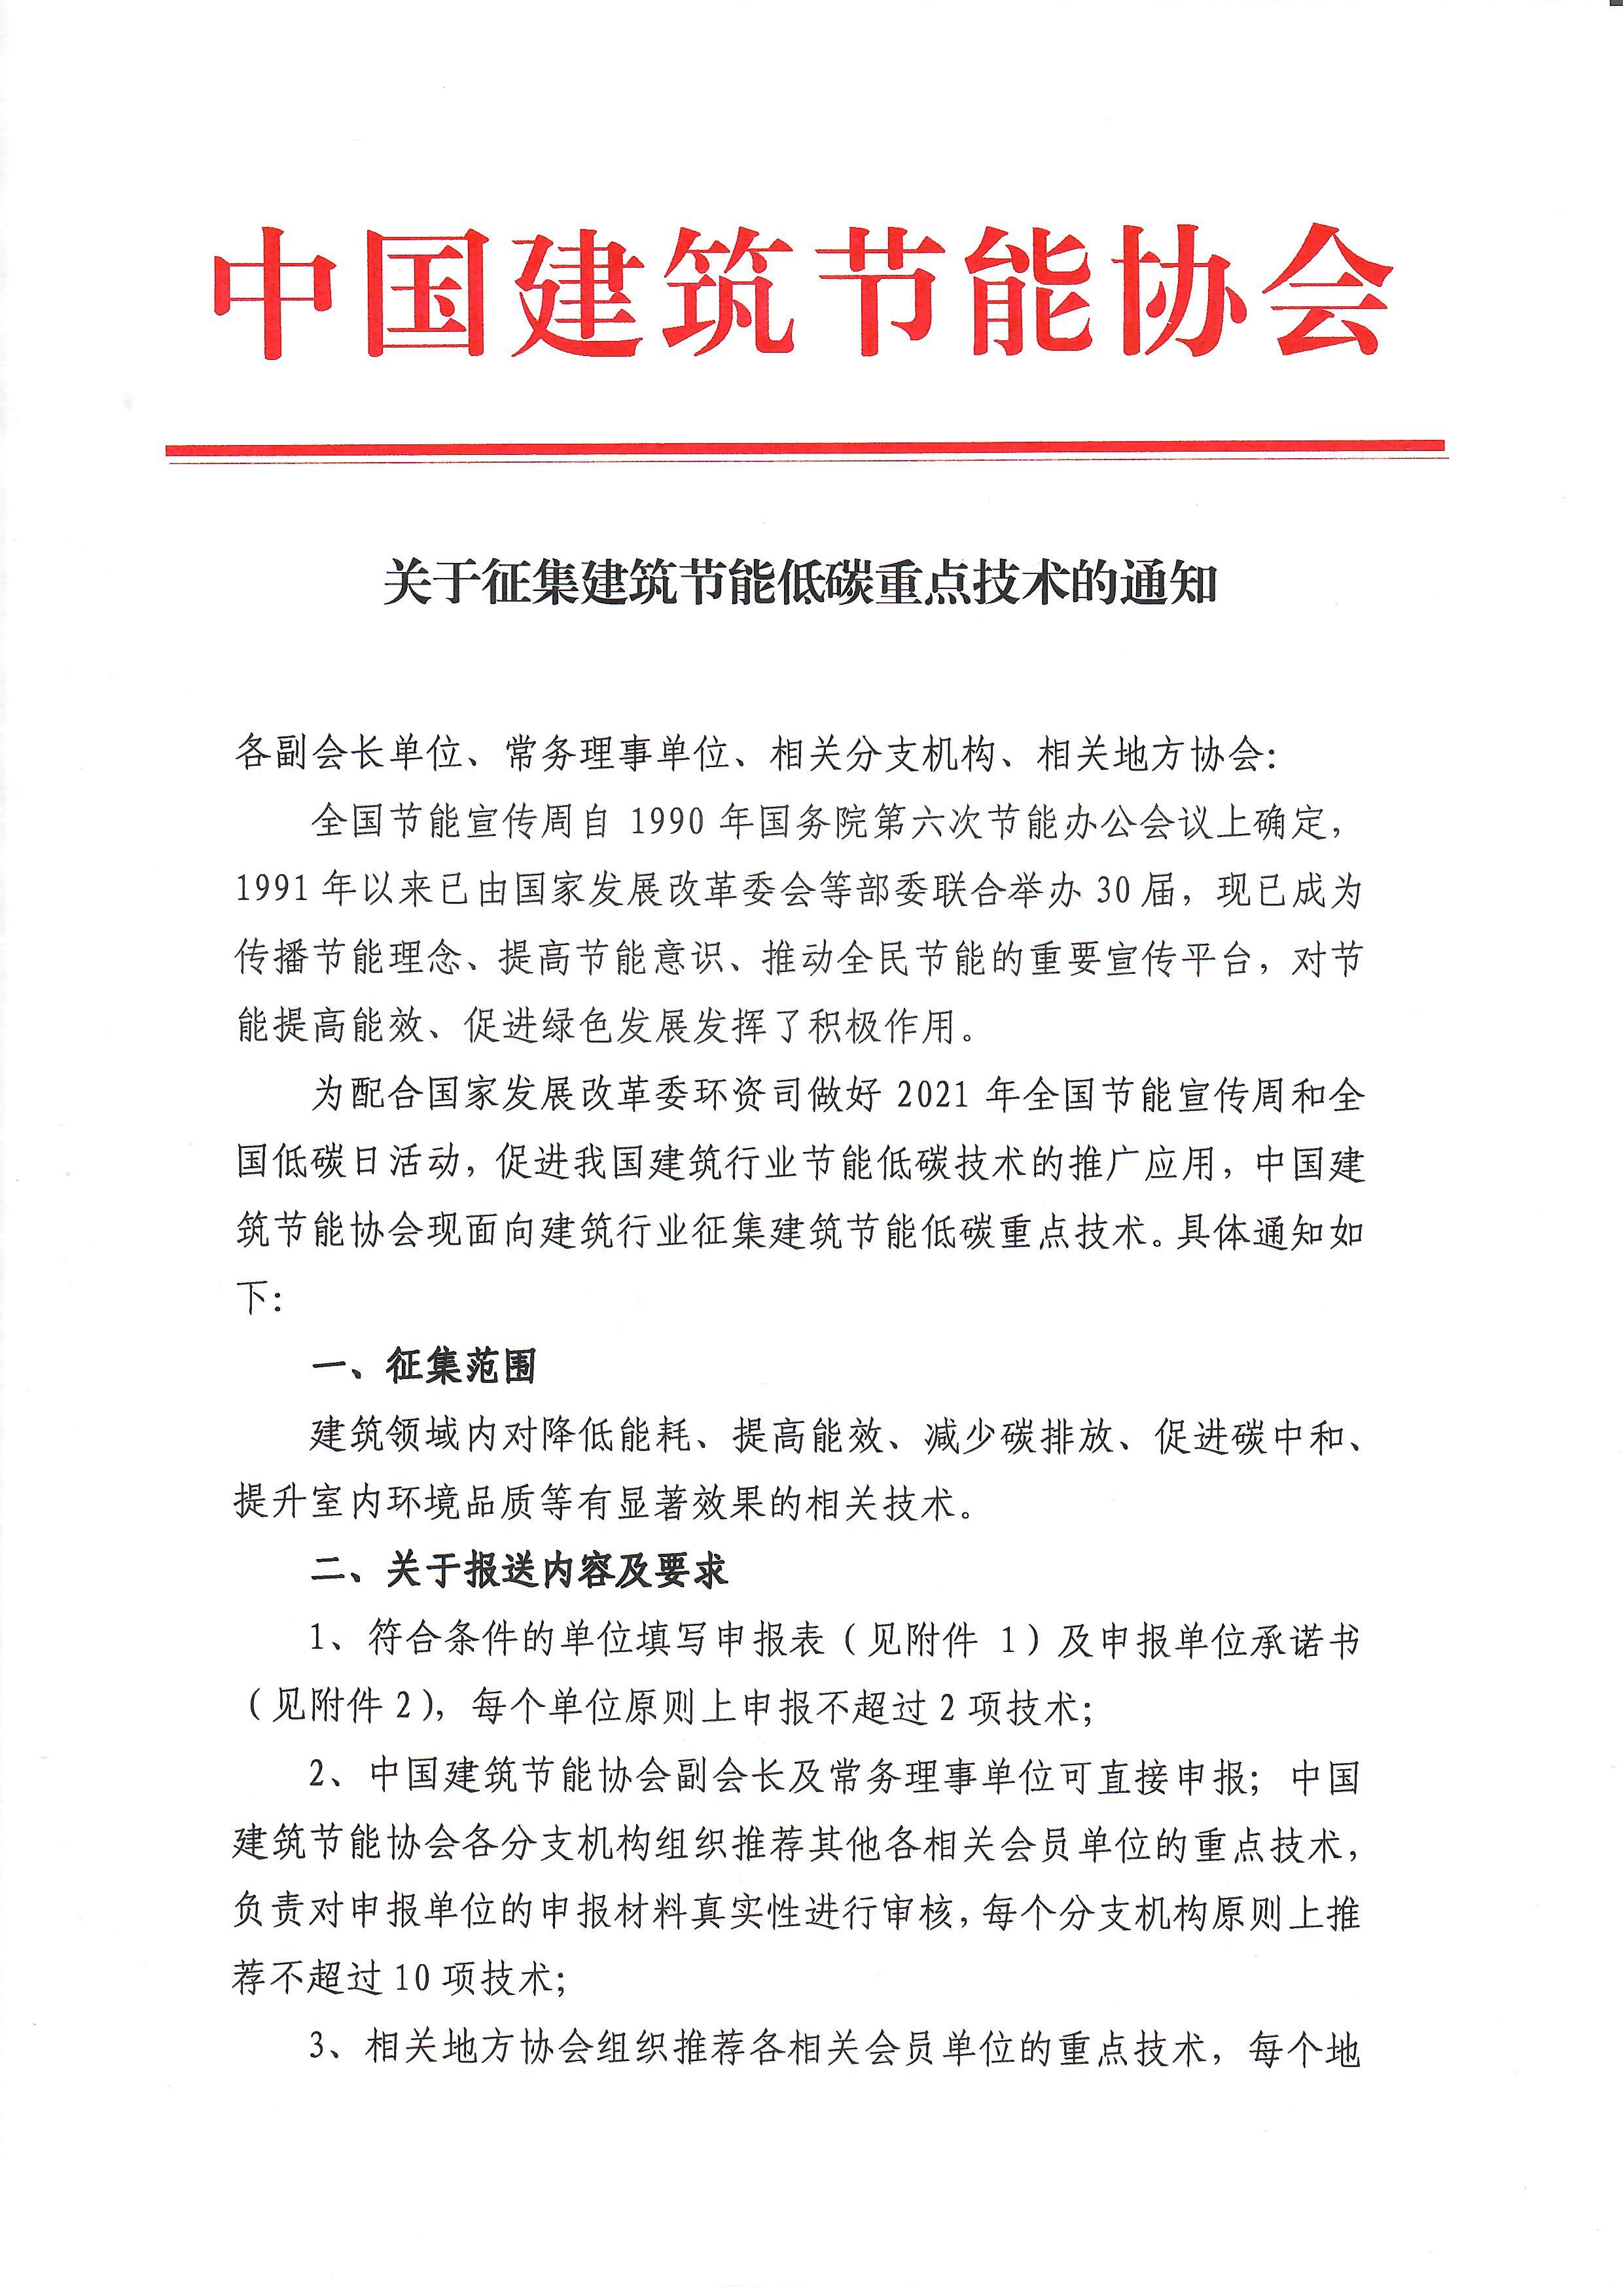 关于征集建筑节能低碳重点技术的通知_页面_1.jpg